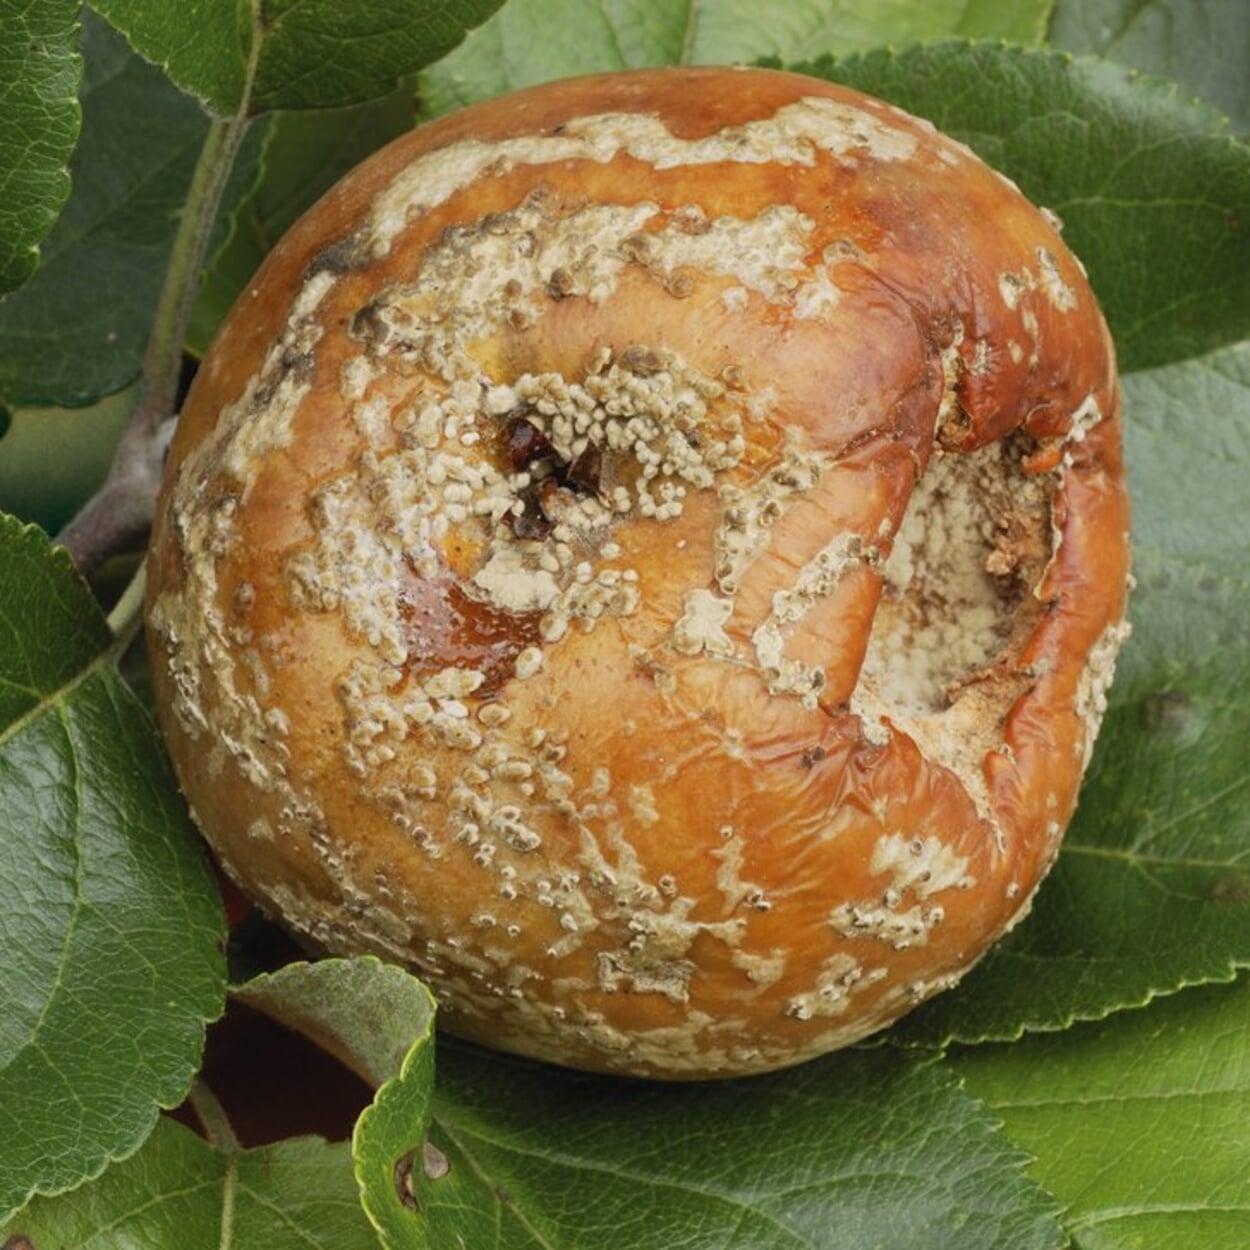 Apfel mit Fruchtfäule